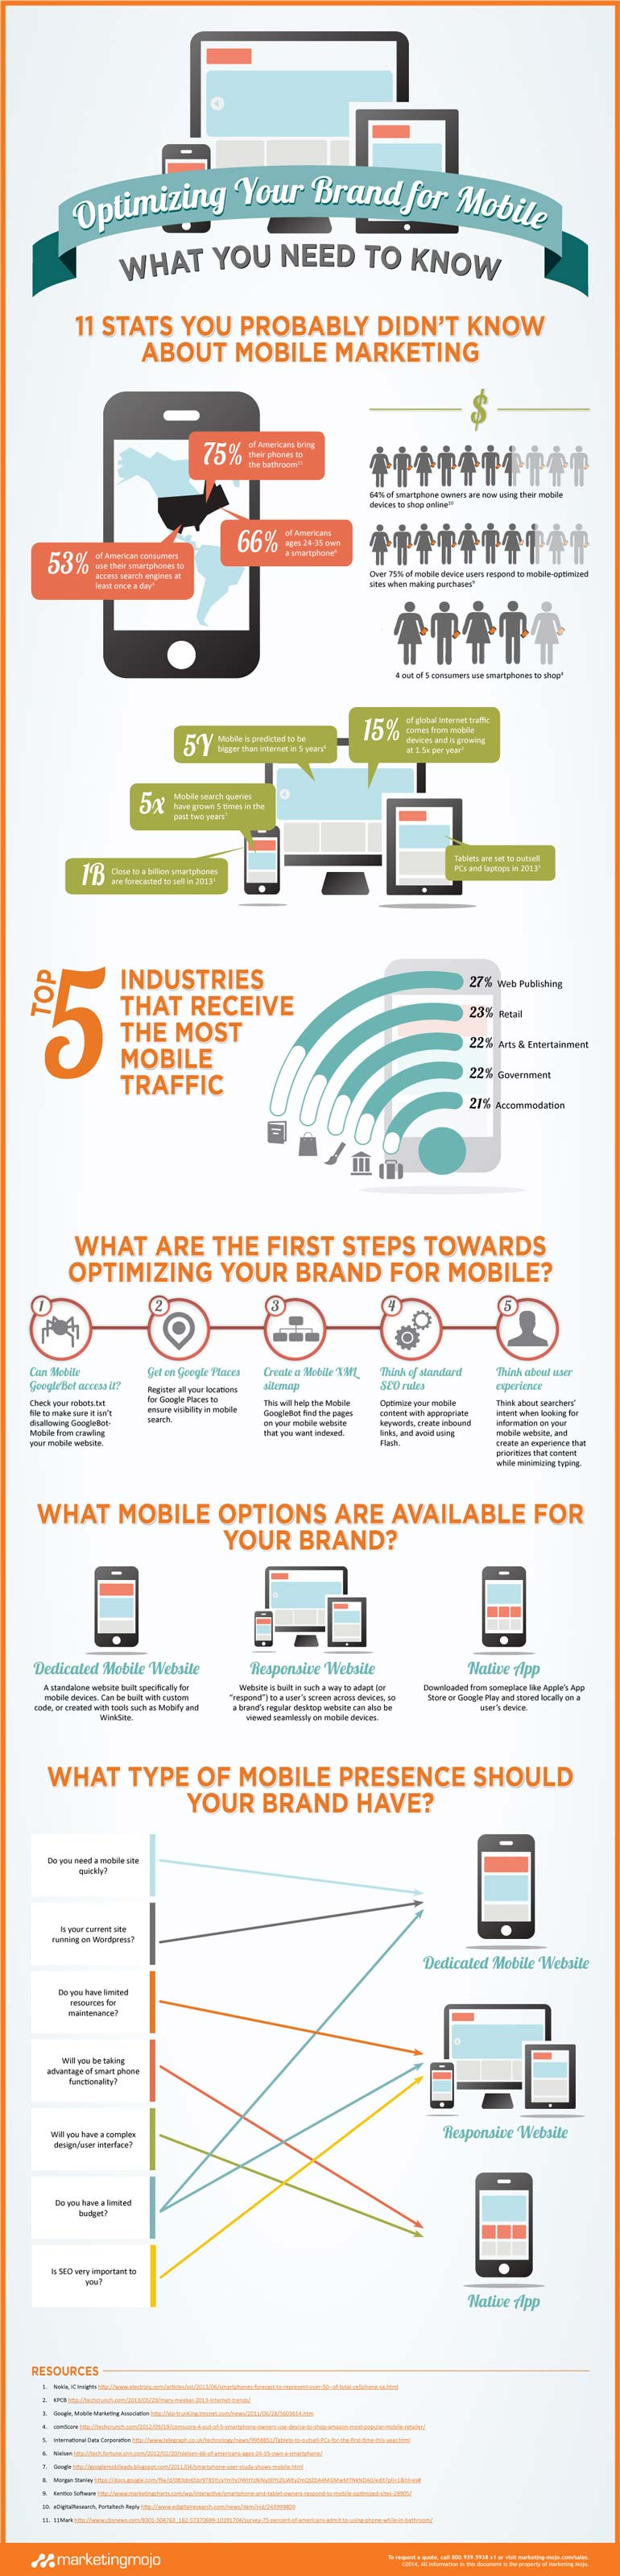 Come ottimizzare il tuo brand per il mobile